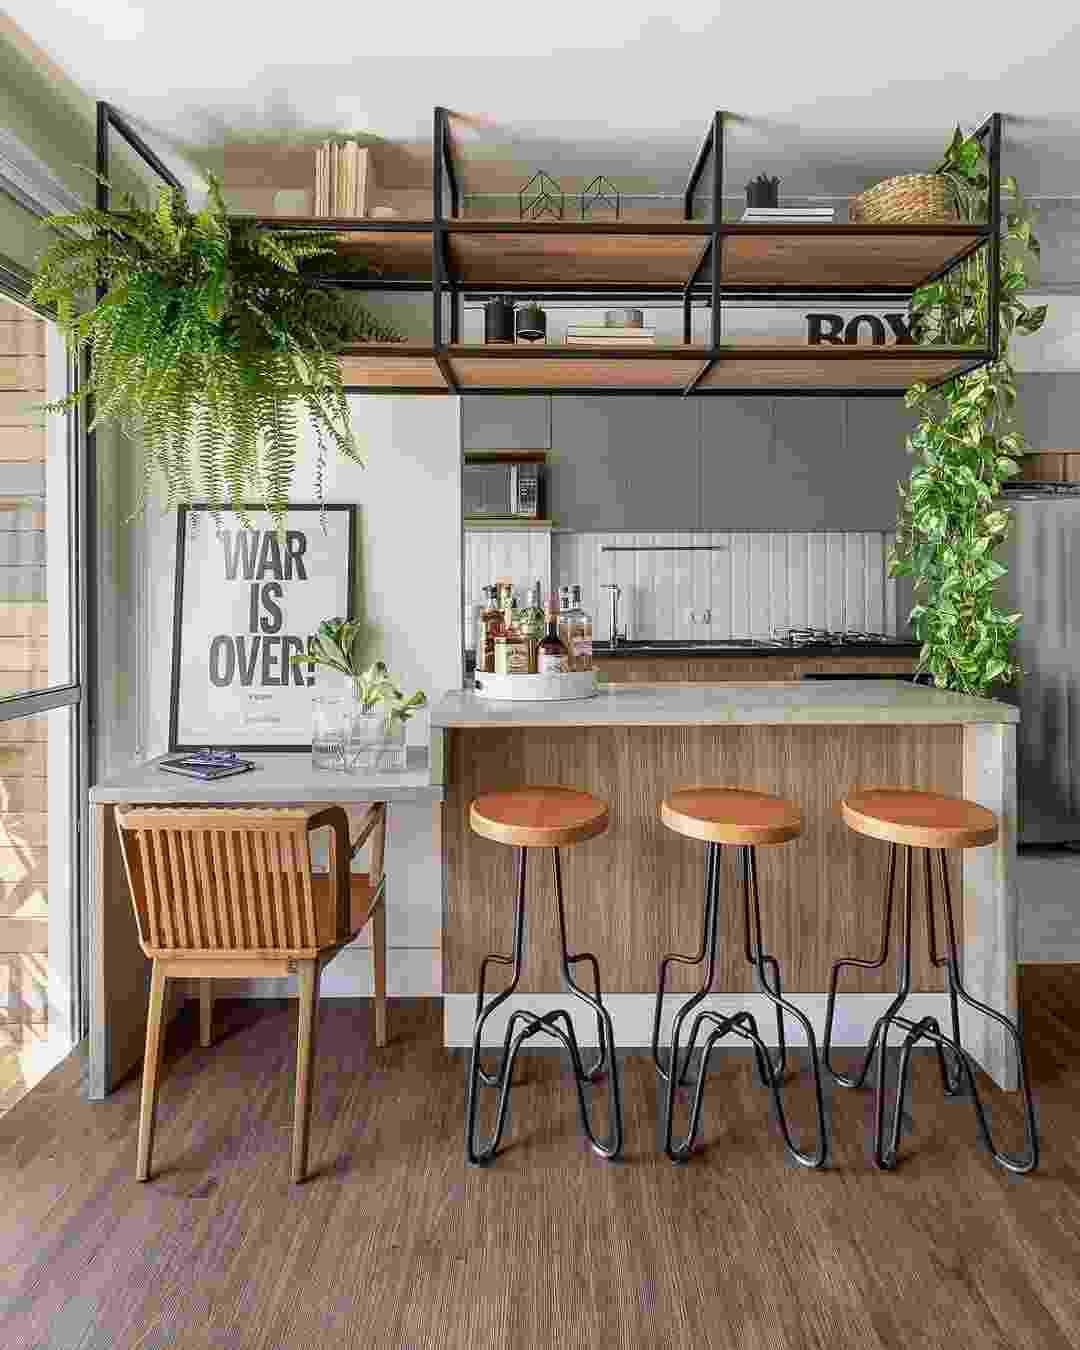 Balcão da cozinha: dicas para incrementar esse espaço com poucas mudanças - Reprodução/Pinterest